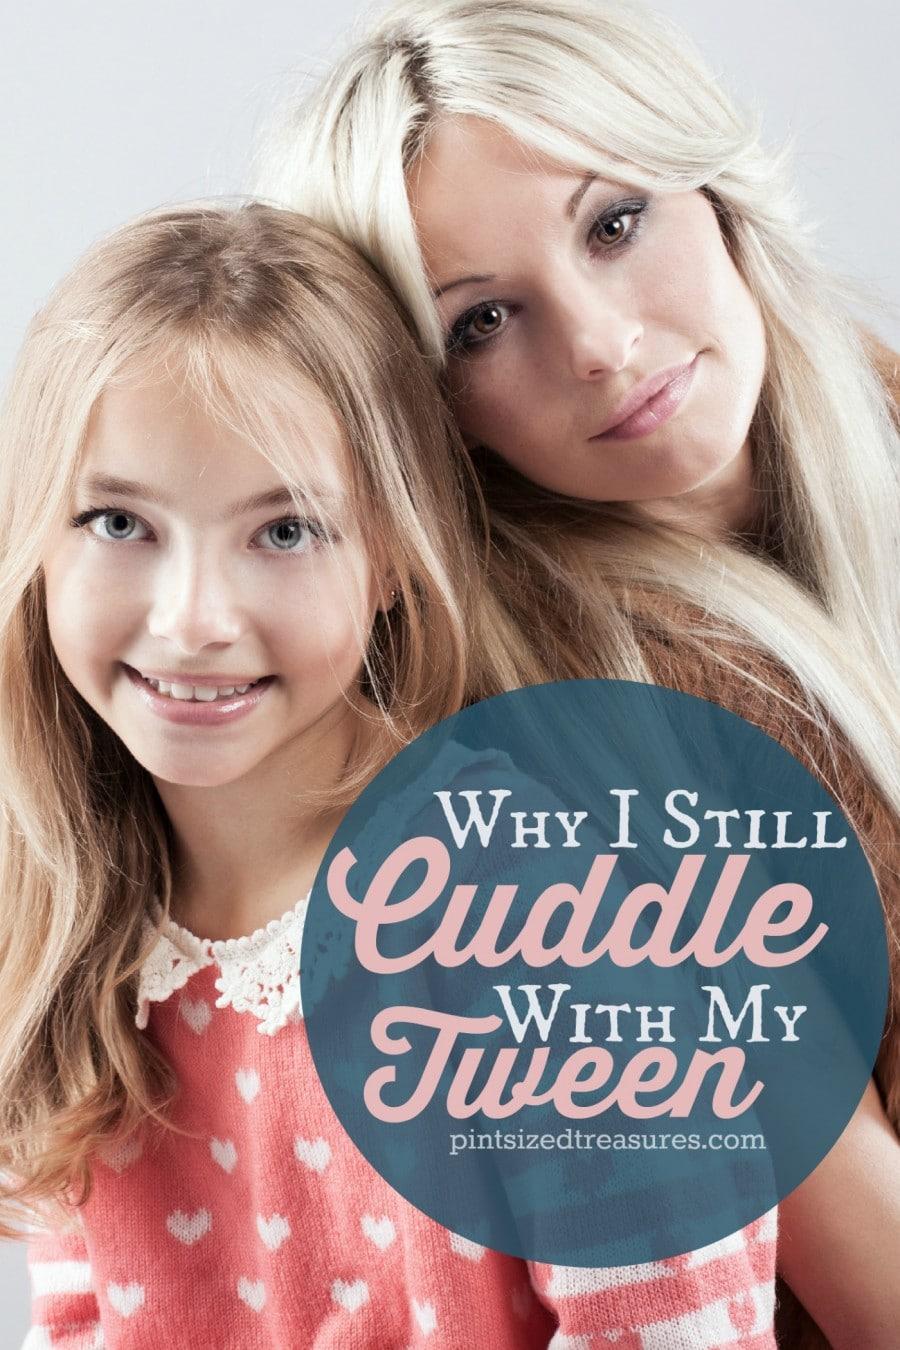 I still cuddle my tween